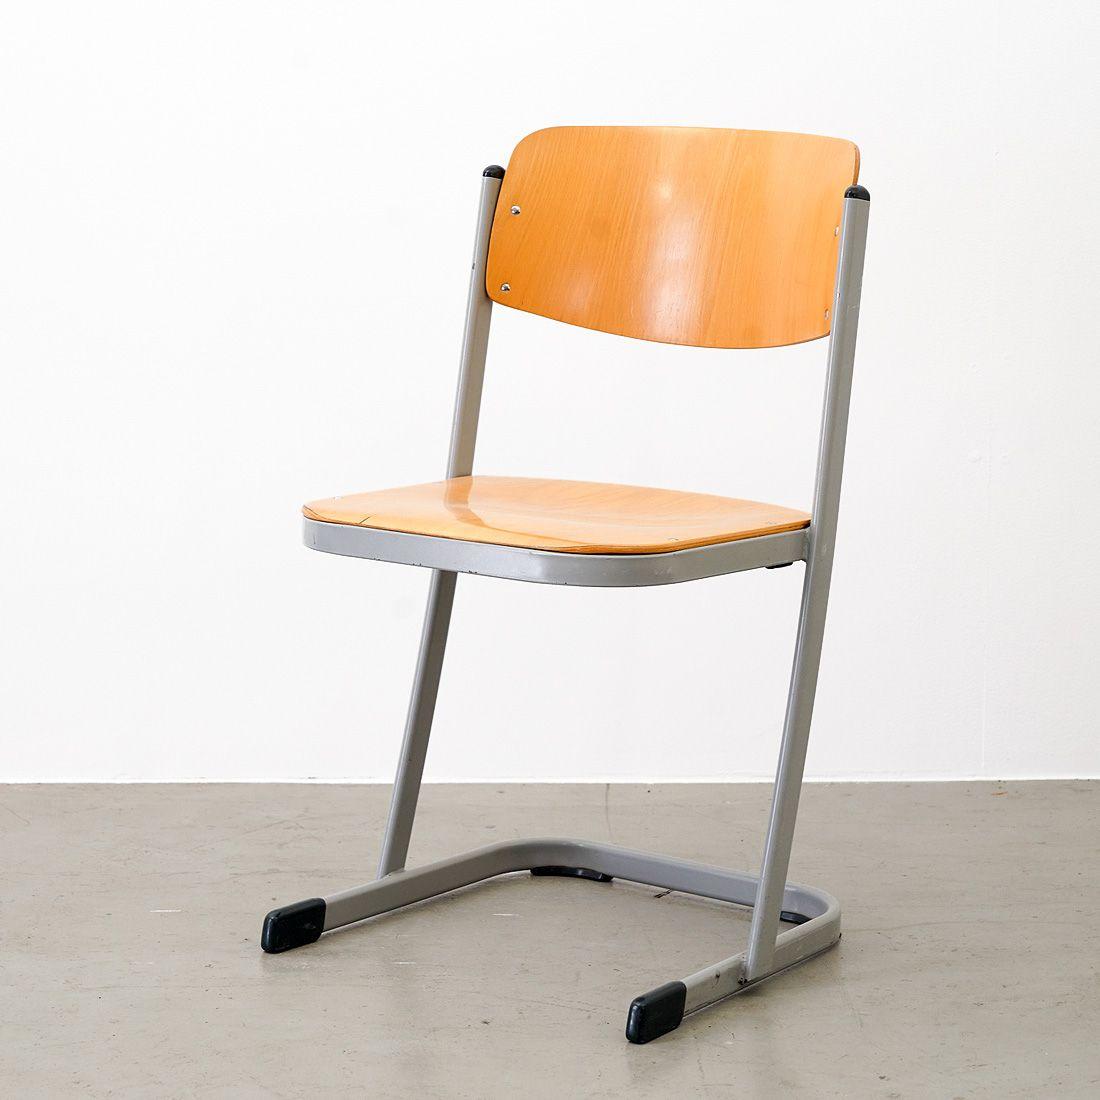 Schulstuhl Schulstuhle Stuhle Schreibecke